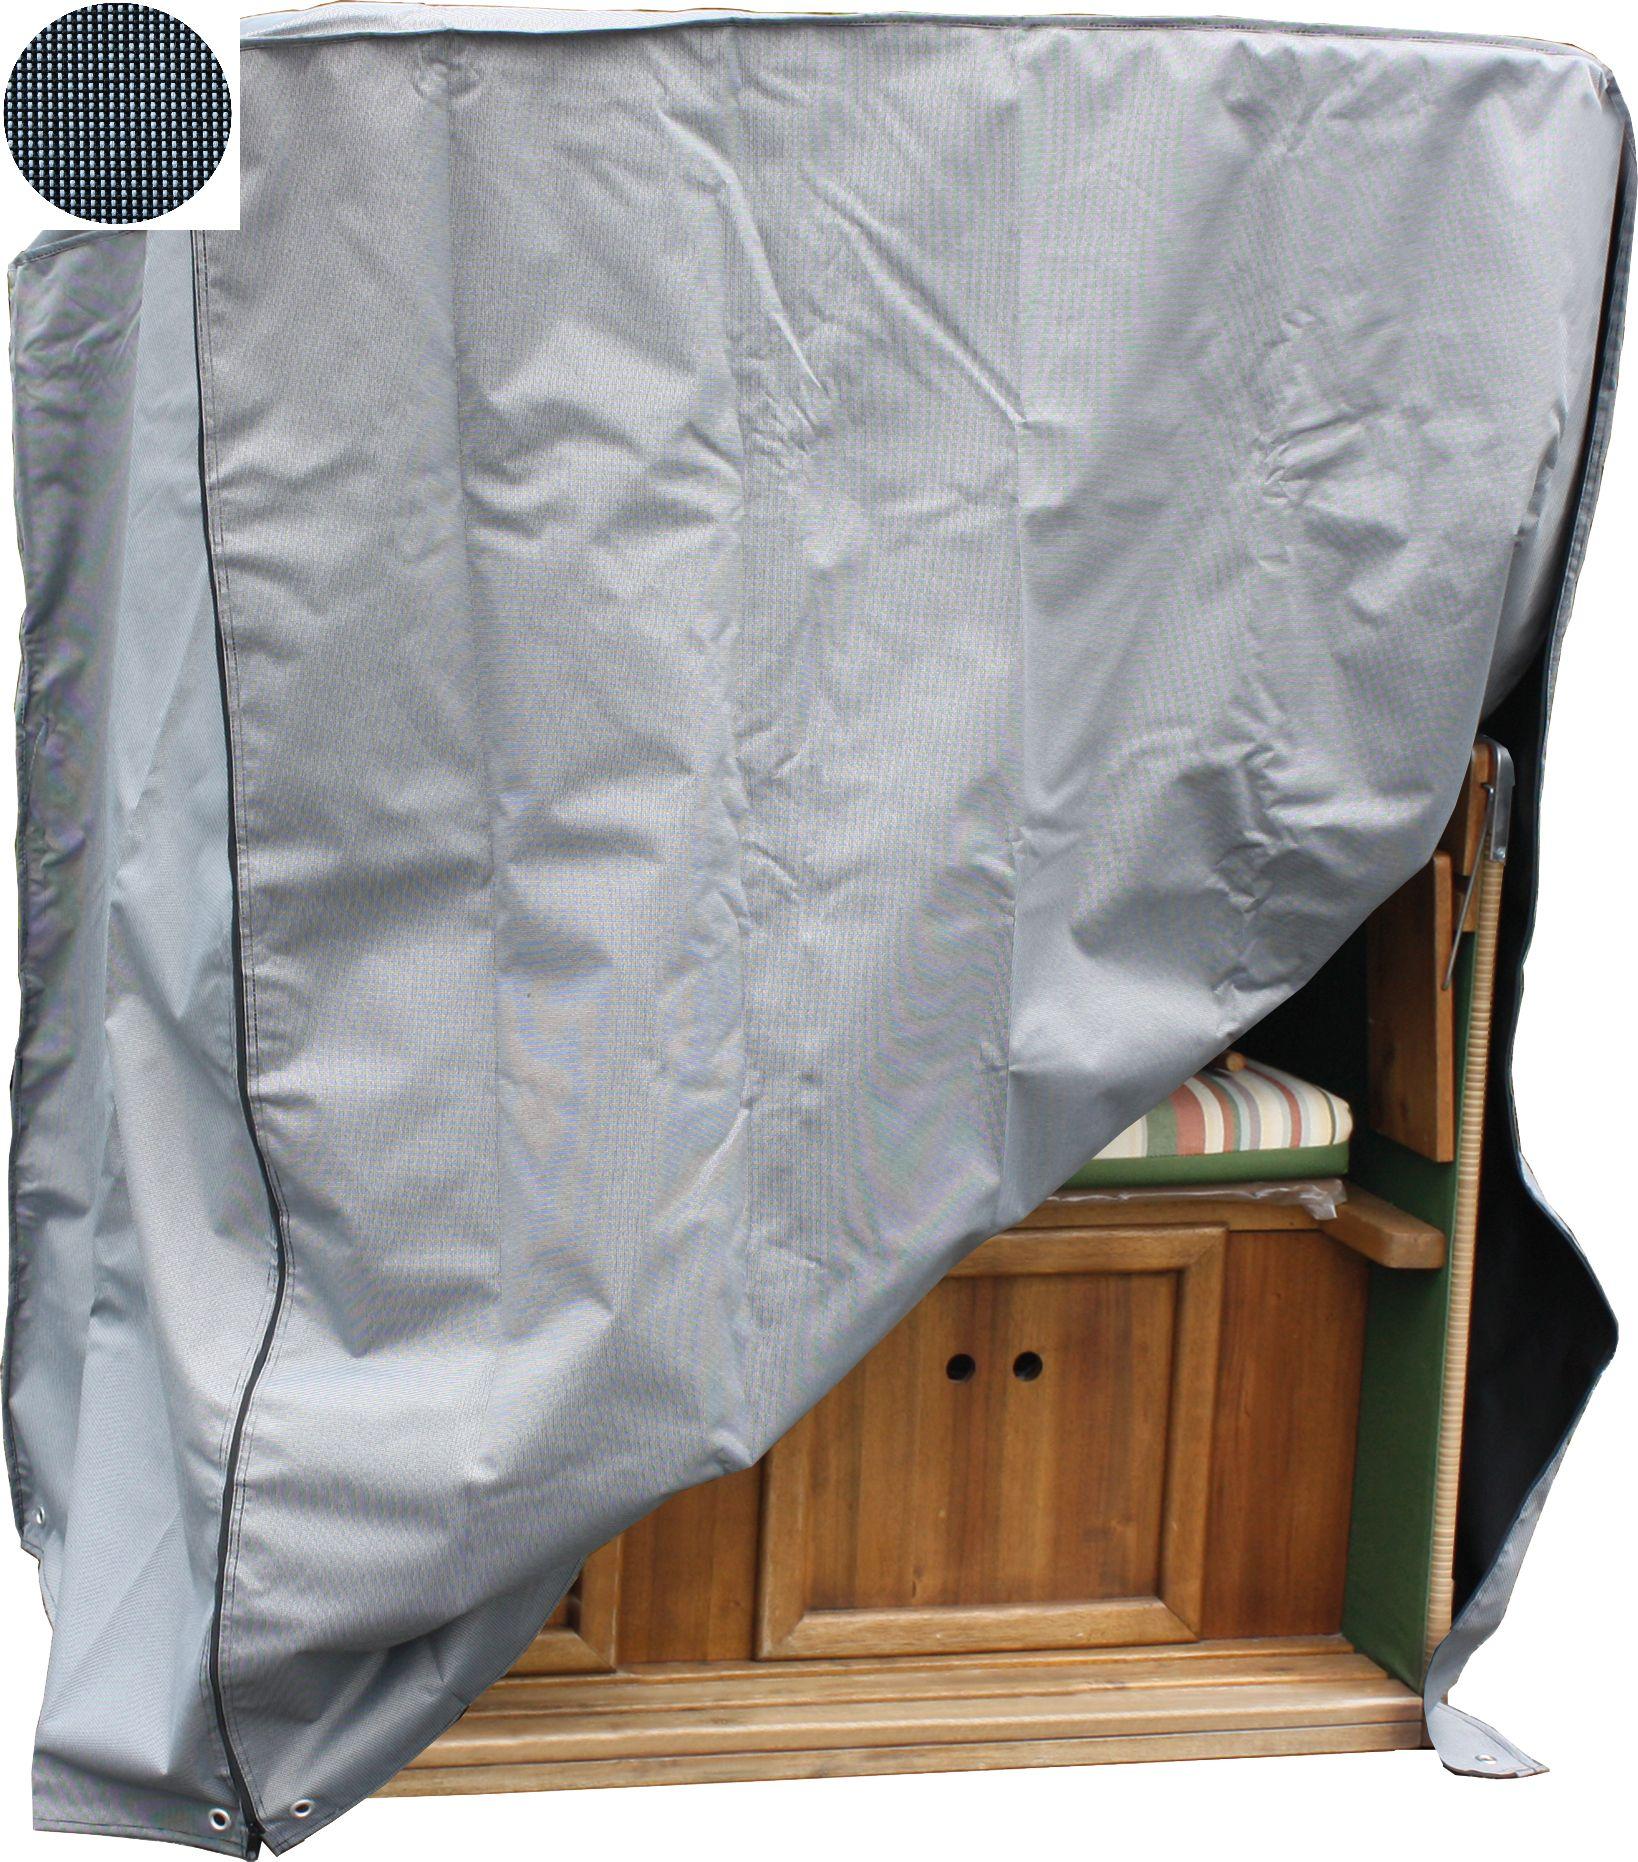 Schutzhülle Gartenmöbel Schutzplane Abdeckung Sitzgruppe Strandkorb Oxford-Tuch